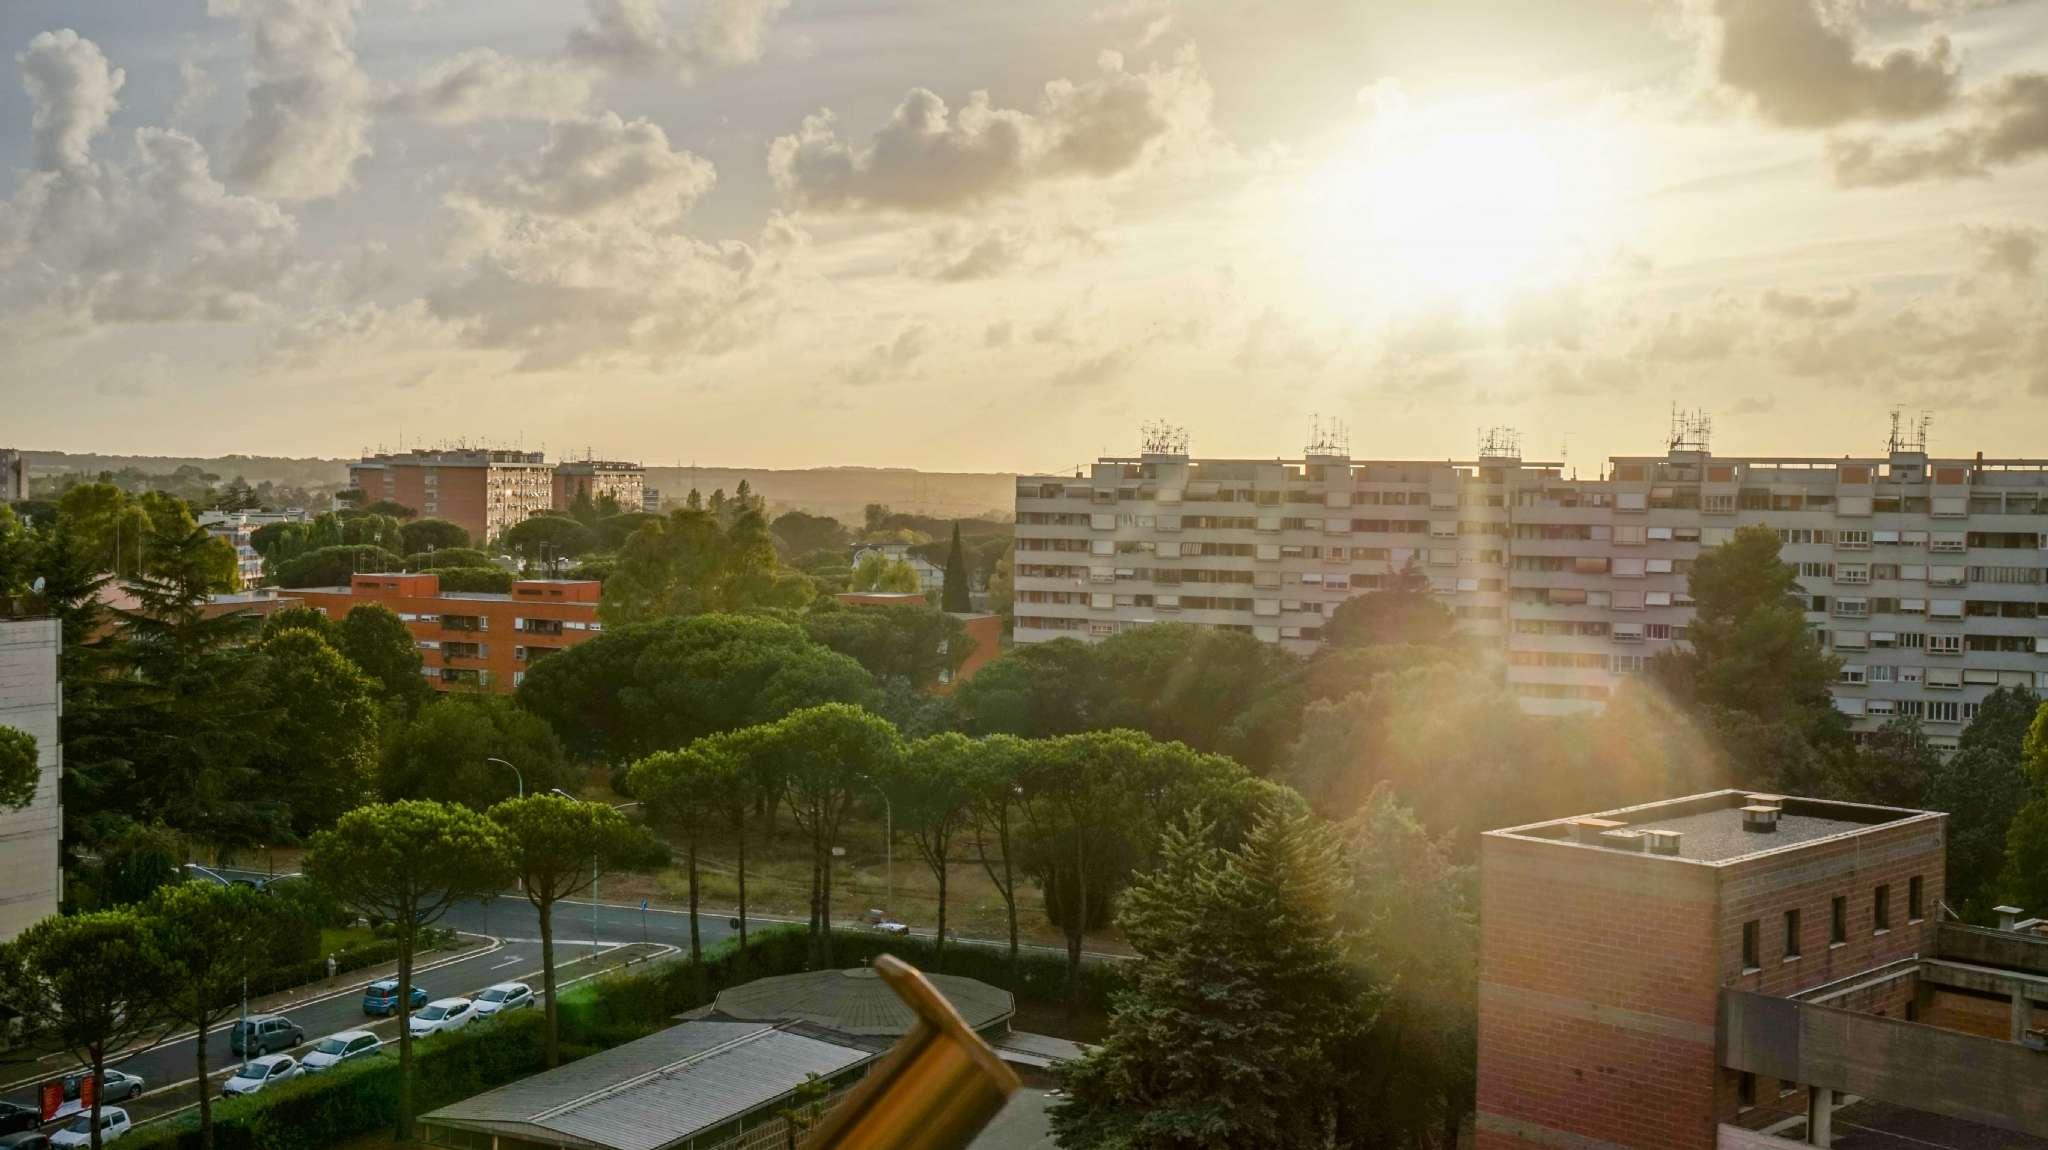 Appartamento in vendita a Roma, 4 locali, zona Zona: 21 . Laurentina, prezzo € 210.000 | CambioCasa.it